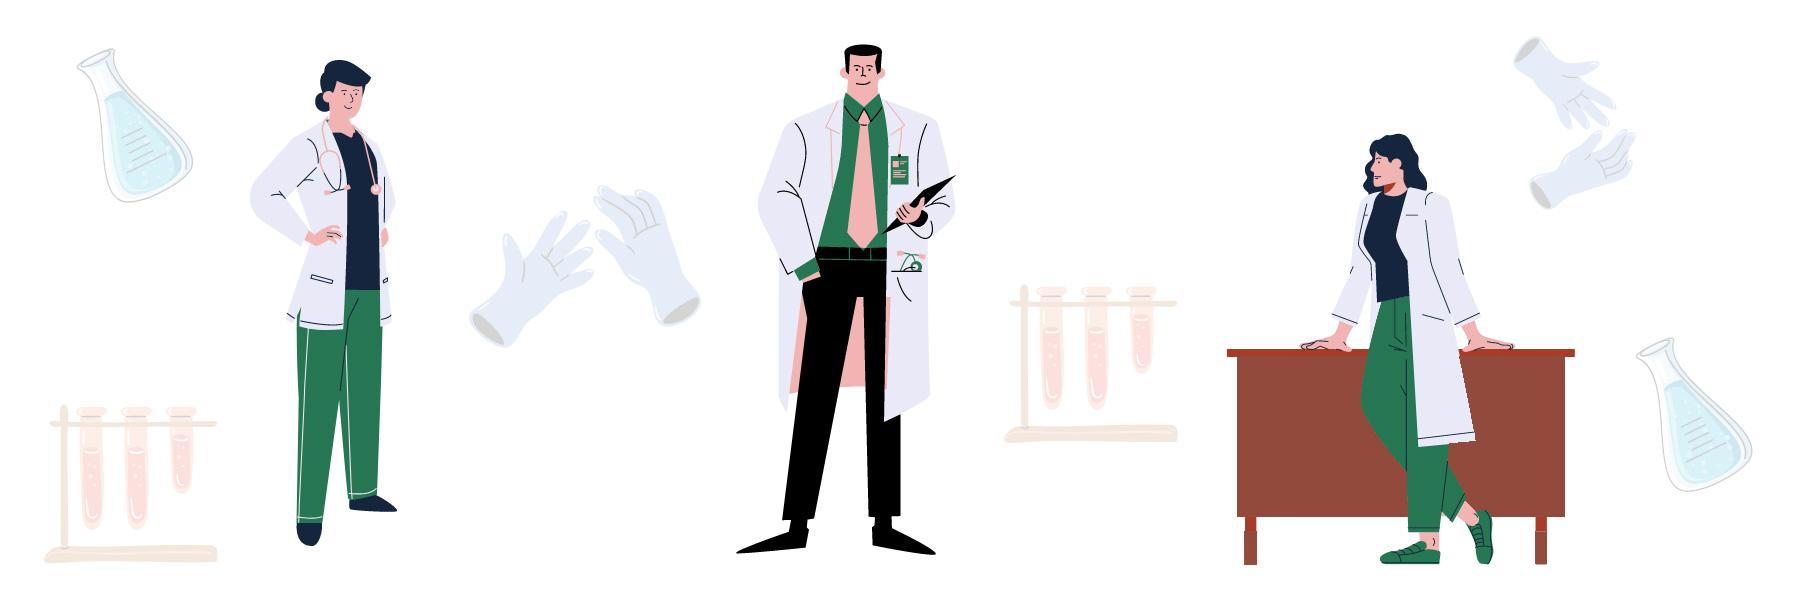 laboratorio-analisi-mediche-san-giorgio-pavia-san-genesio-uniti-milano-8